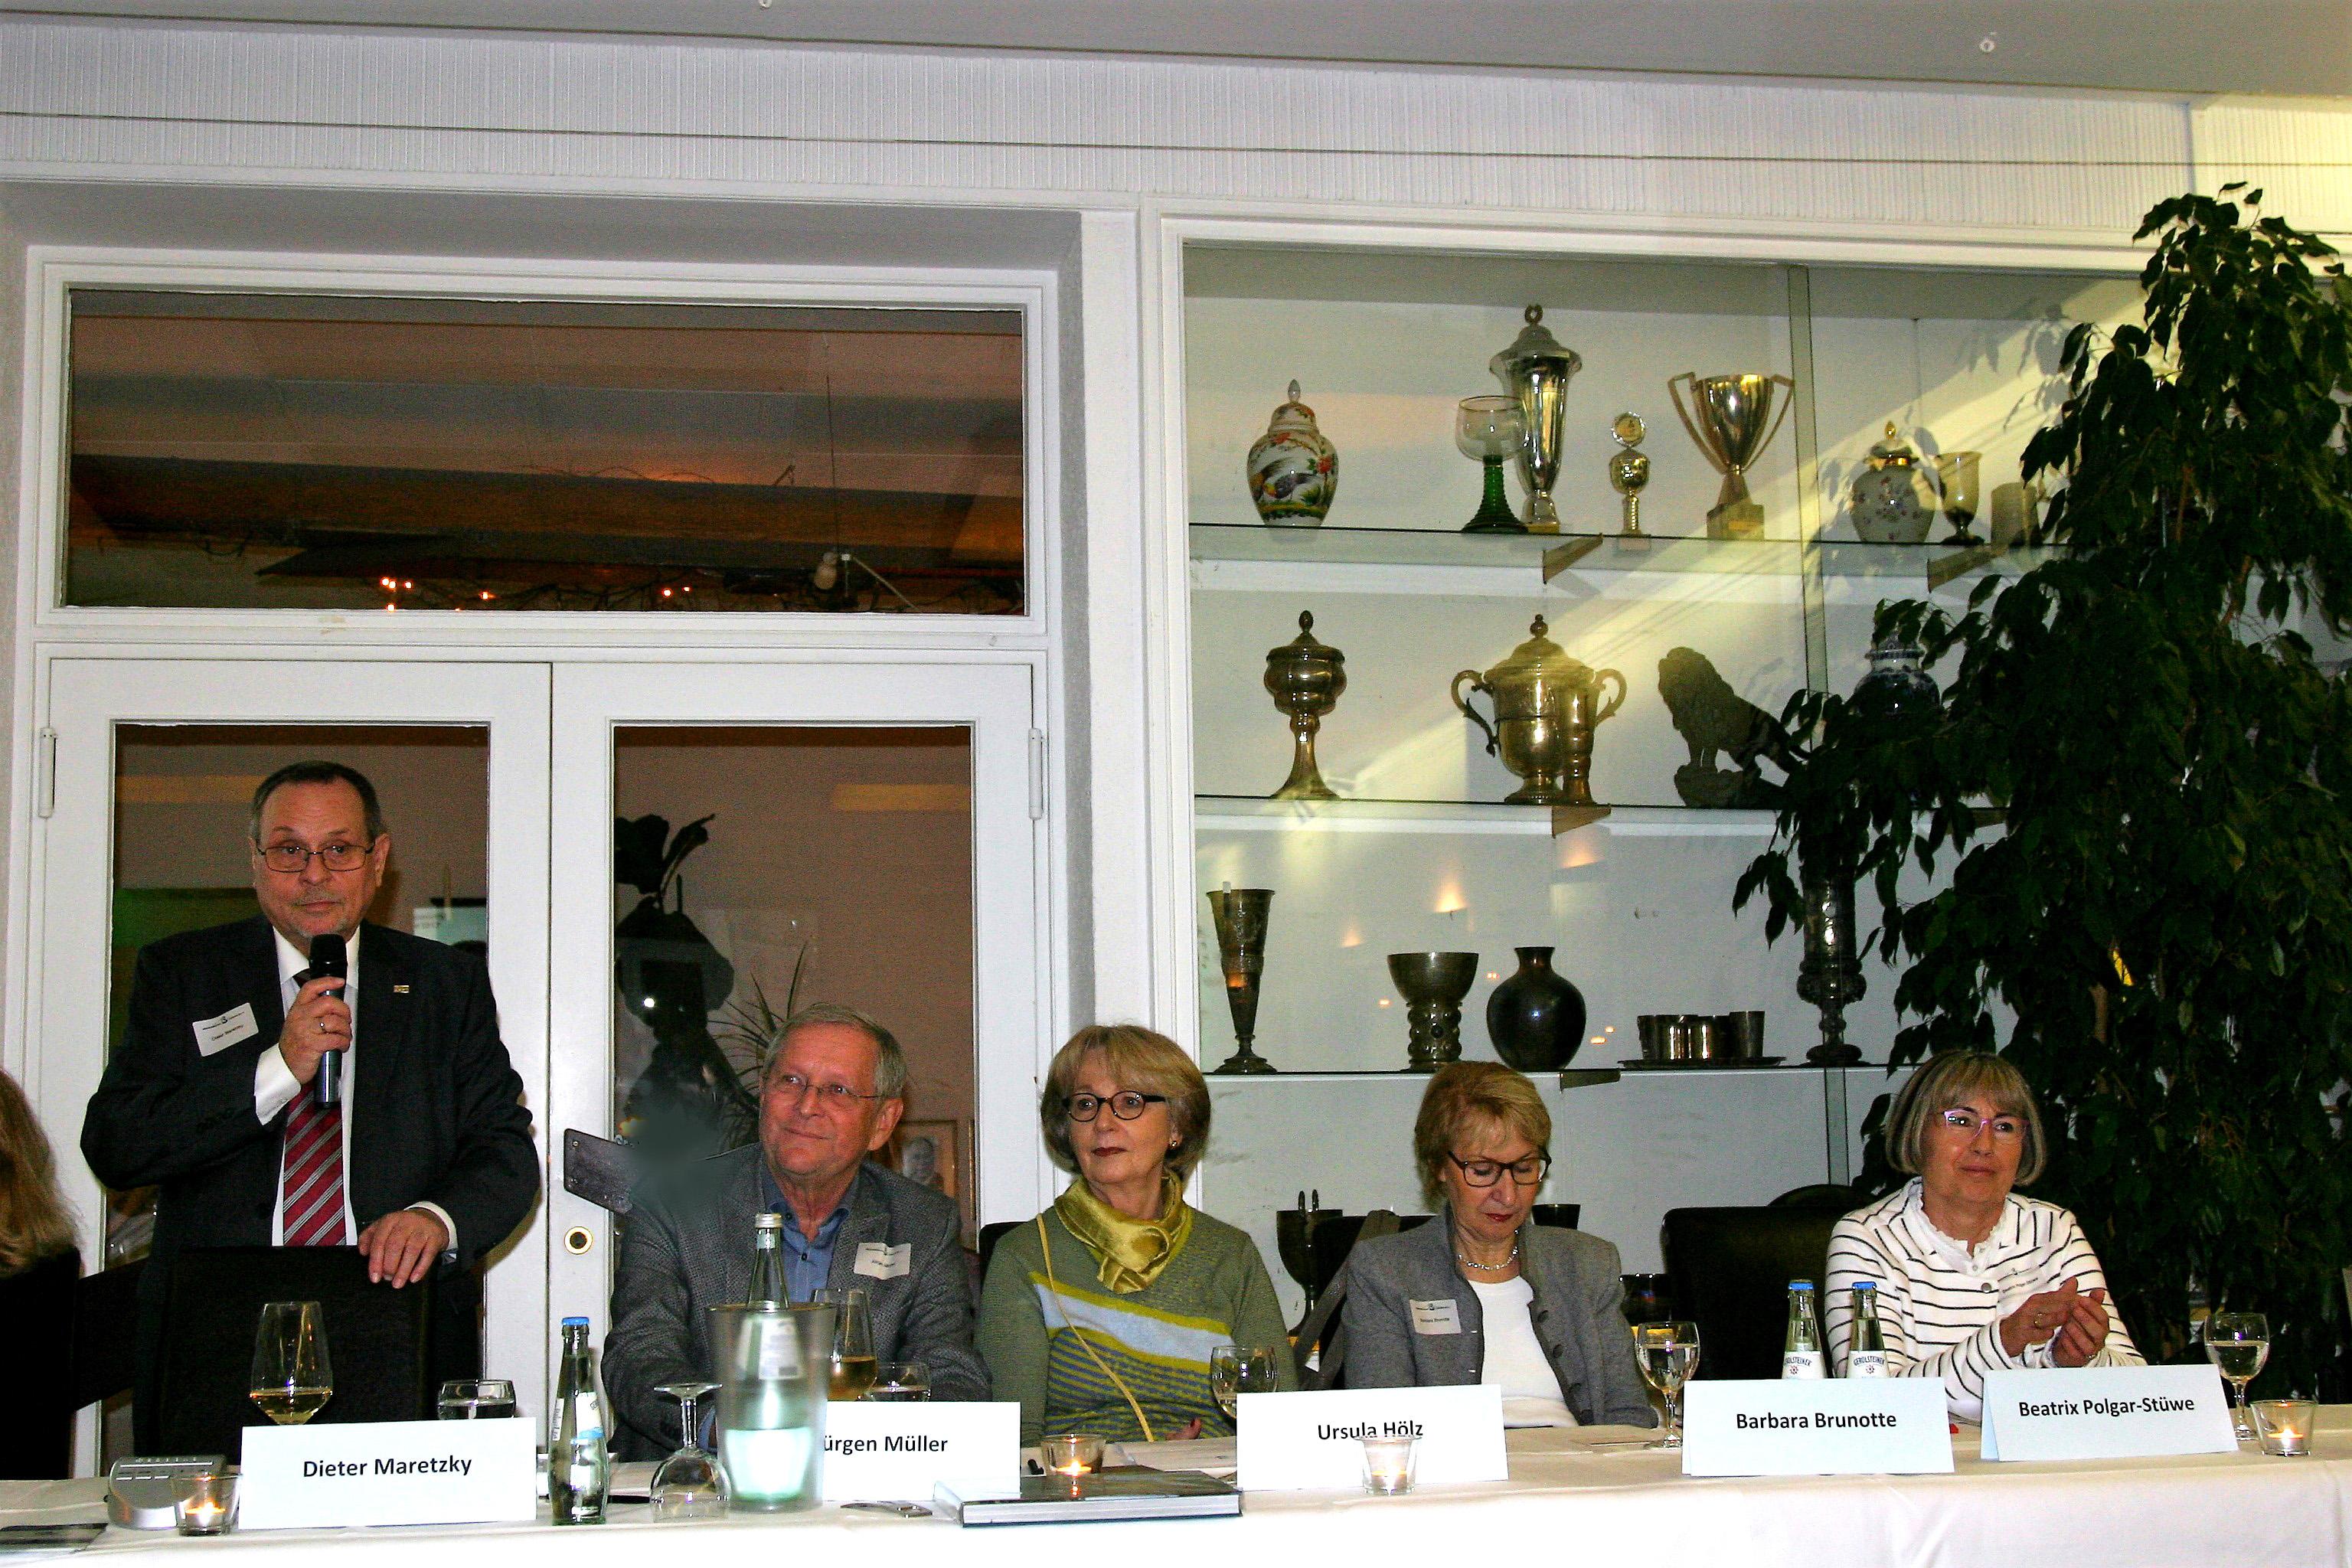 Mitgliederversammlung 2017 der Bürgervereinigung Rodenkirchen e.V.